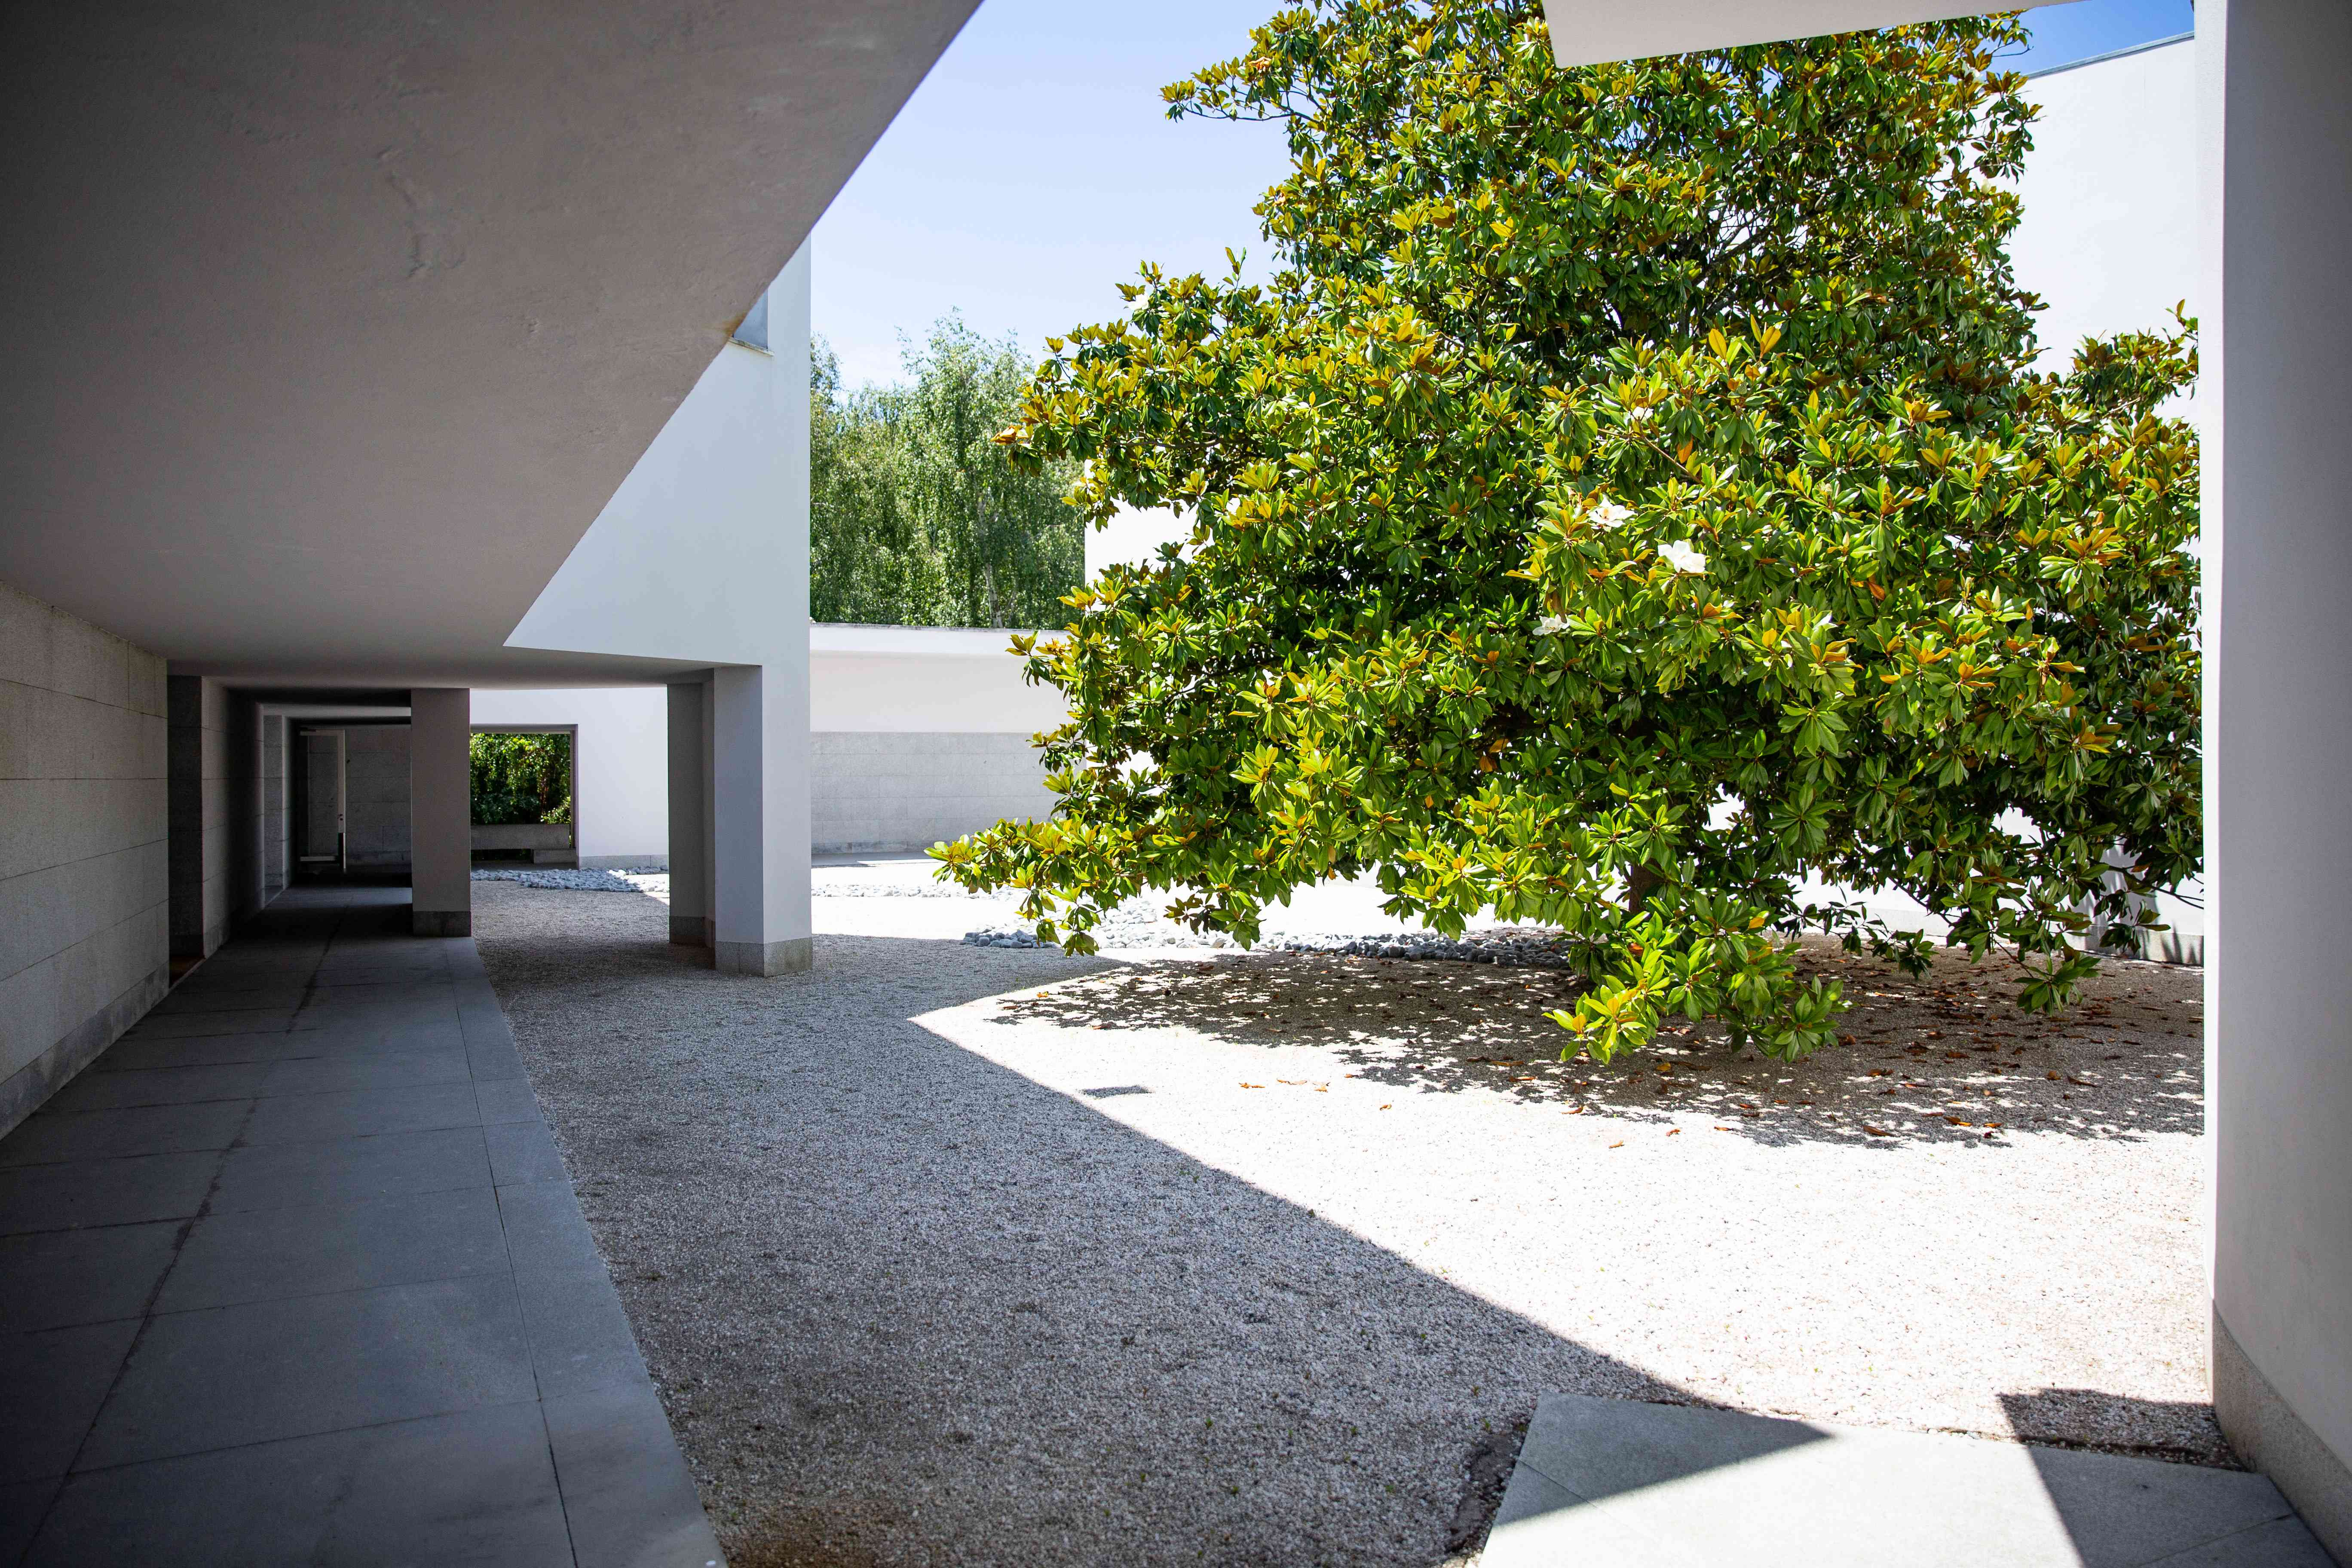 The building of Serralves Modern Art Museum